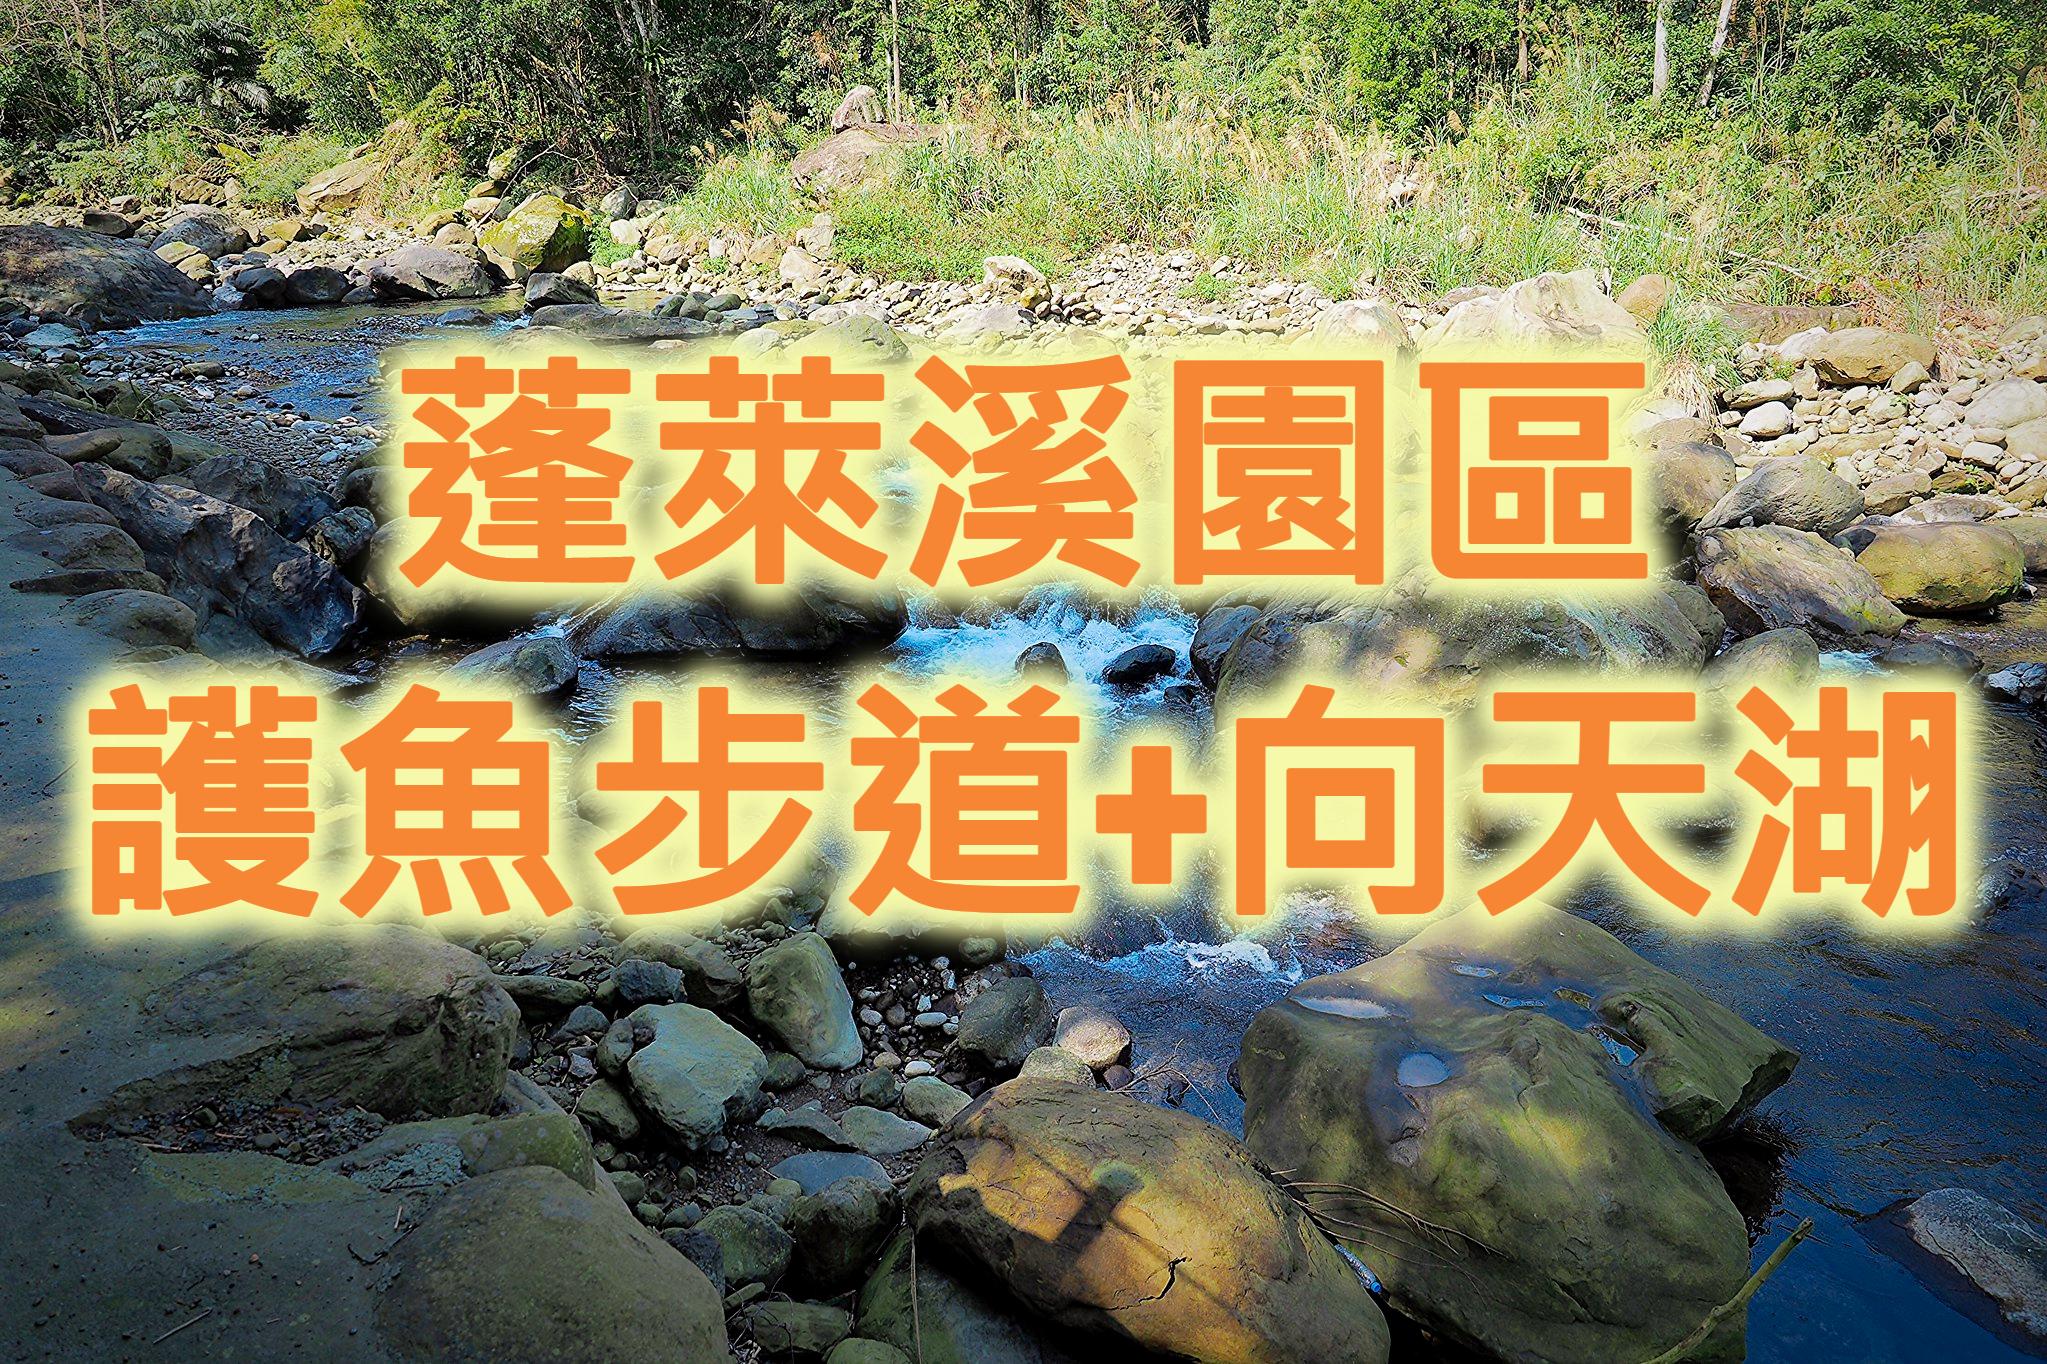 🐠【蓬萊溪園區】蓬萊神仙向天去 苗栗南庄護魚一日遊(MAL04)